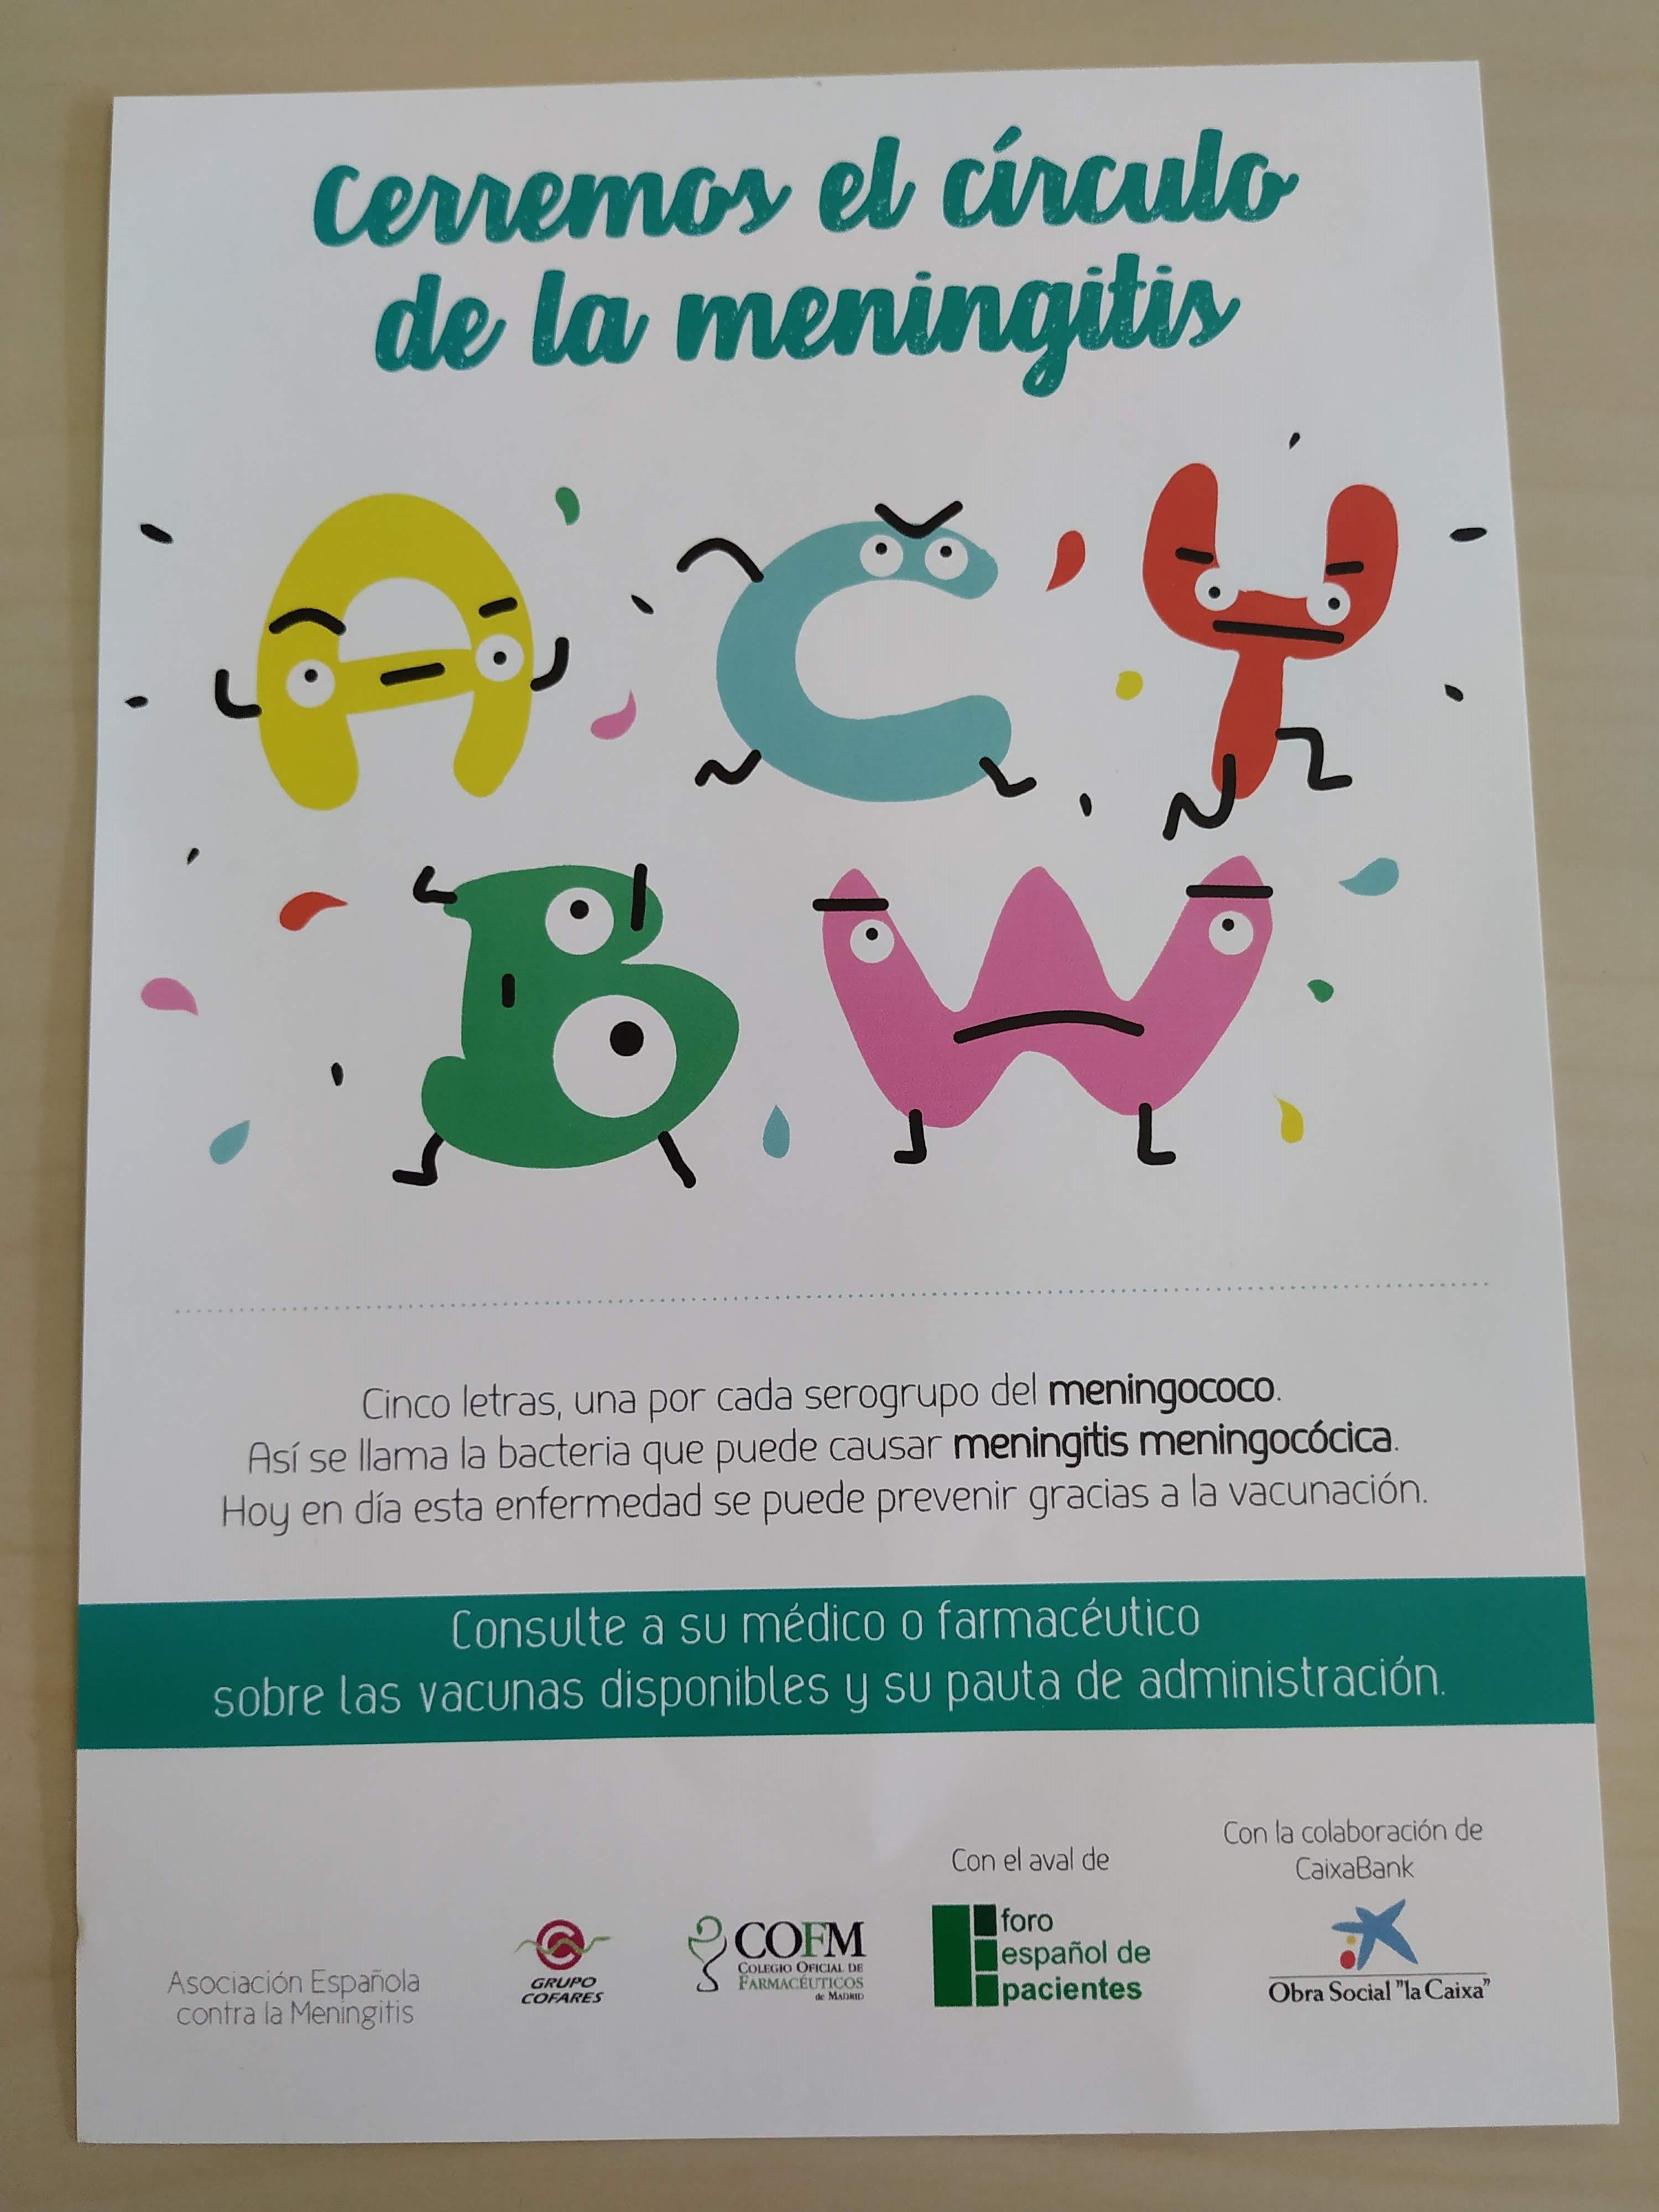 campaña meningitis - Más de 100.000 folletos sobre la meningitis llegarán a las farmacias madrileñas